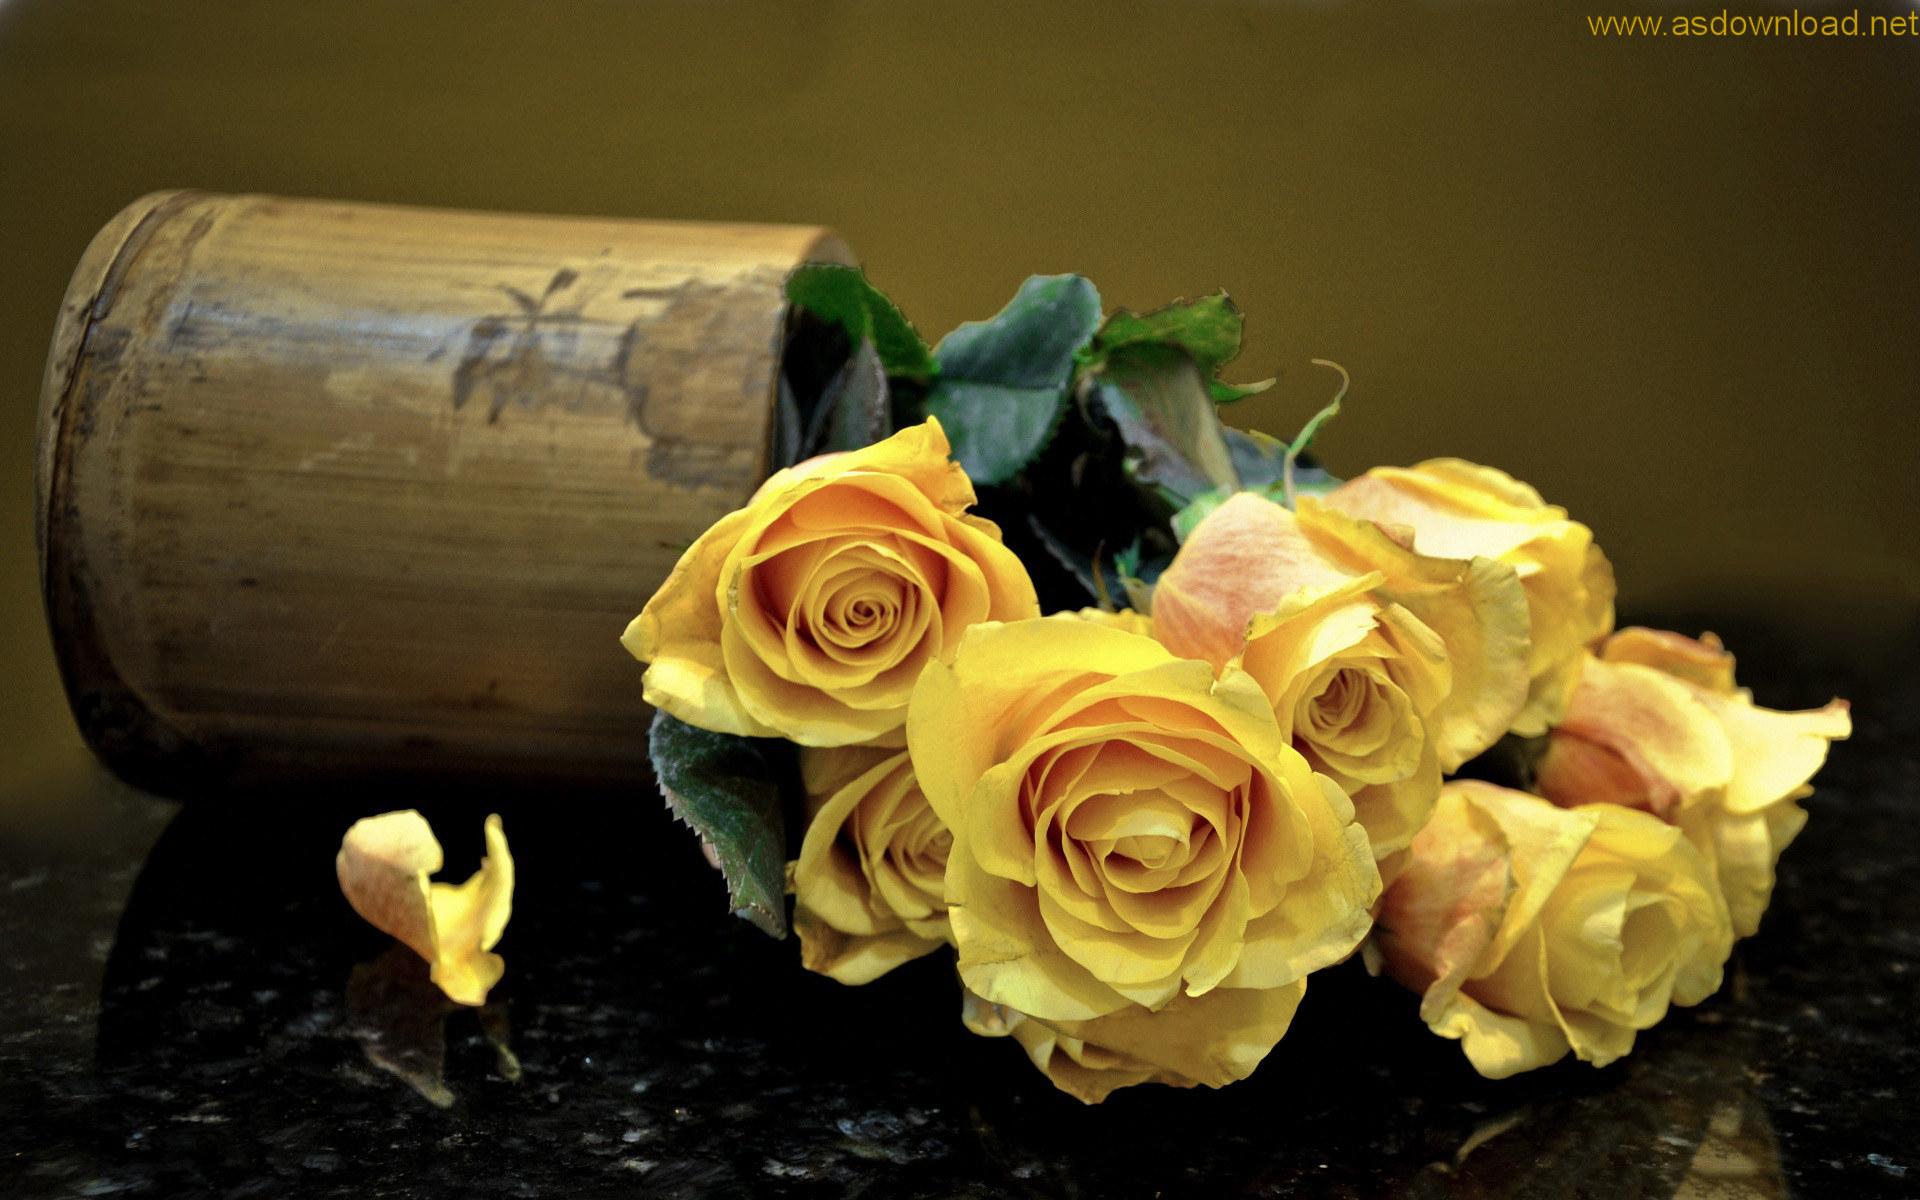 نتیجه تصویری برای دانلود والپیپر گل